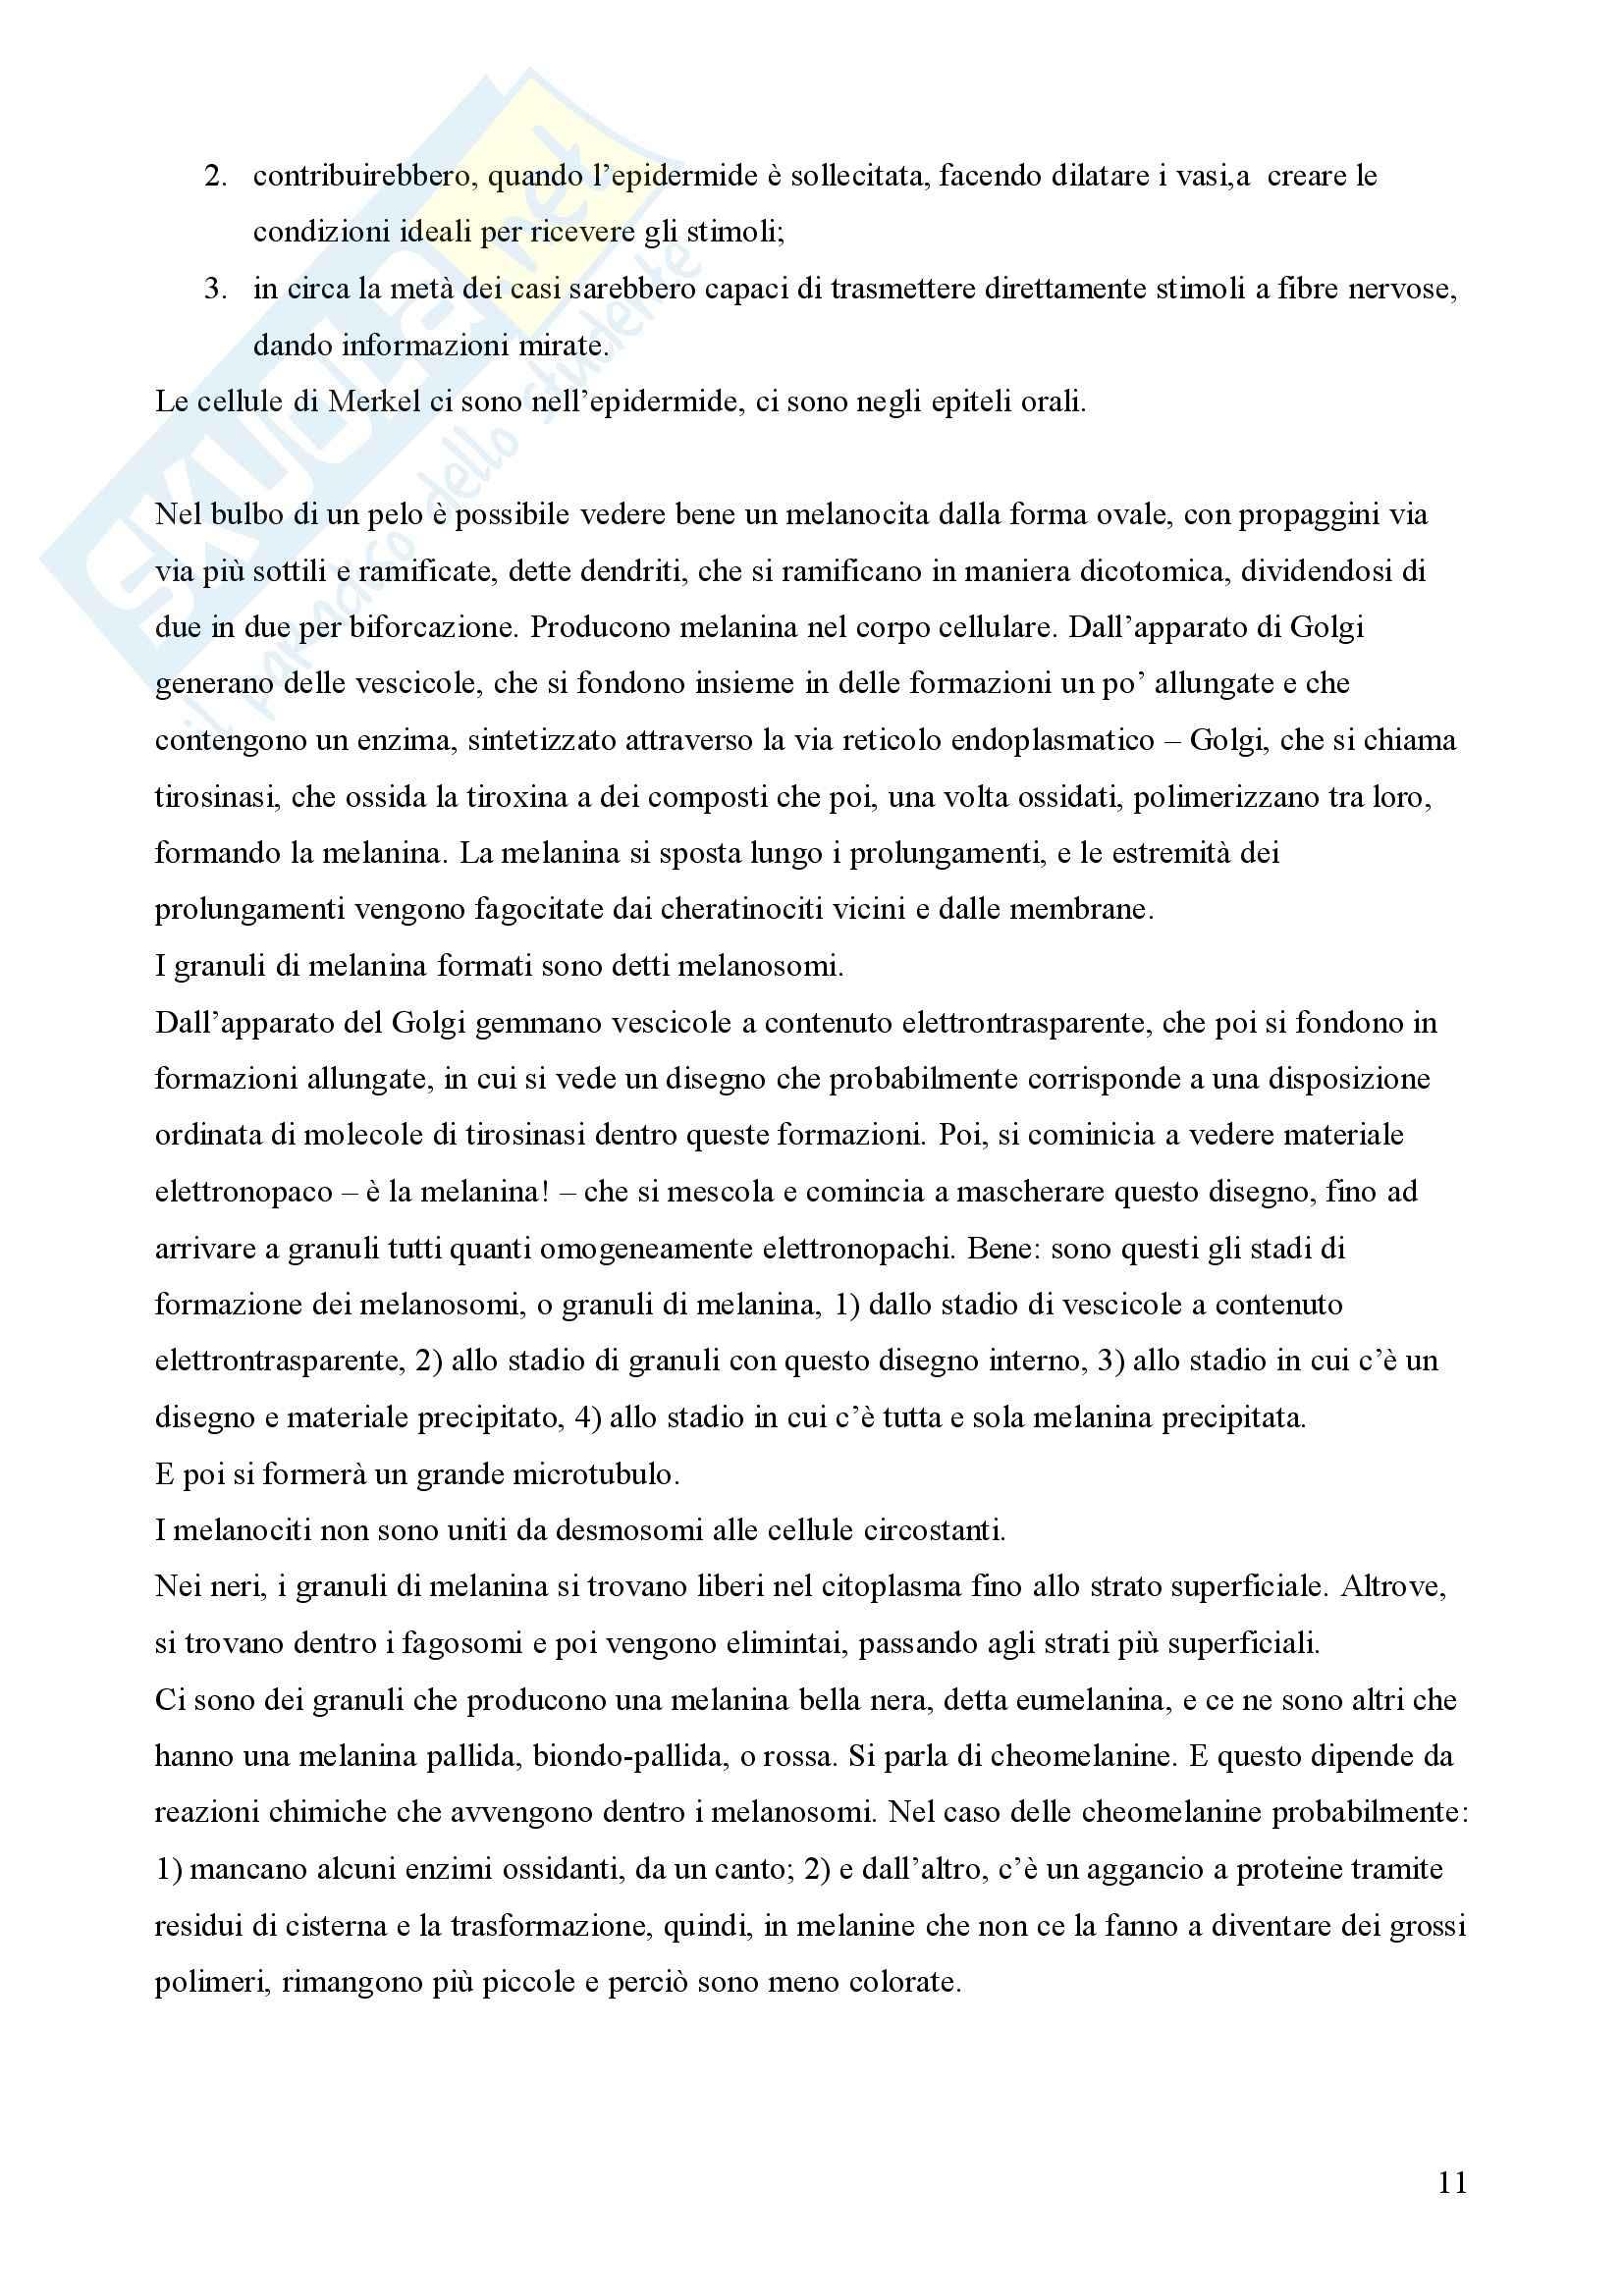 Istologia – Tessuto epiteliale Pag. 11